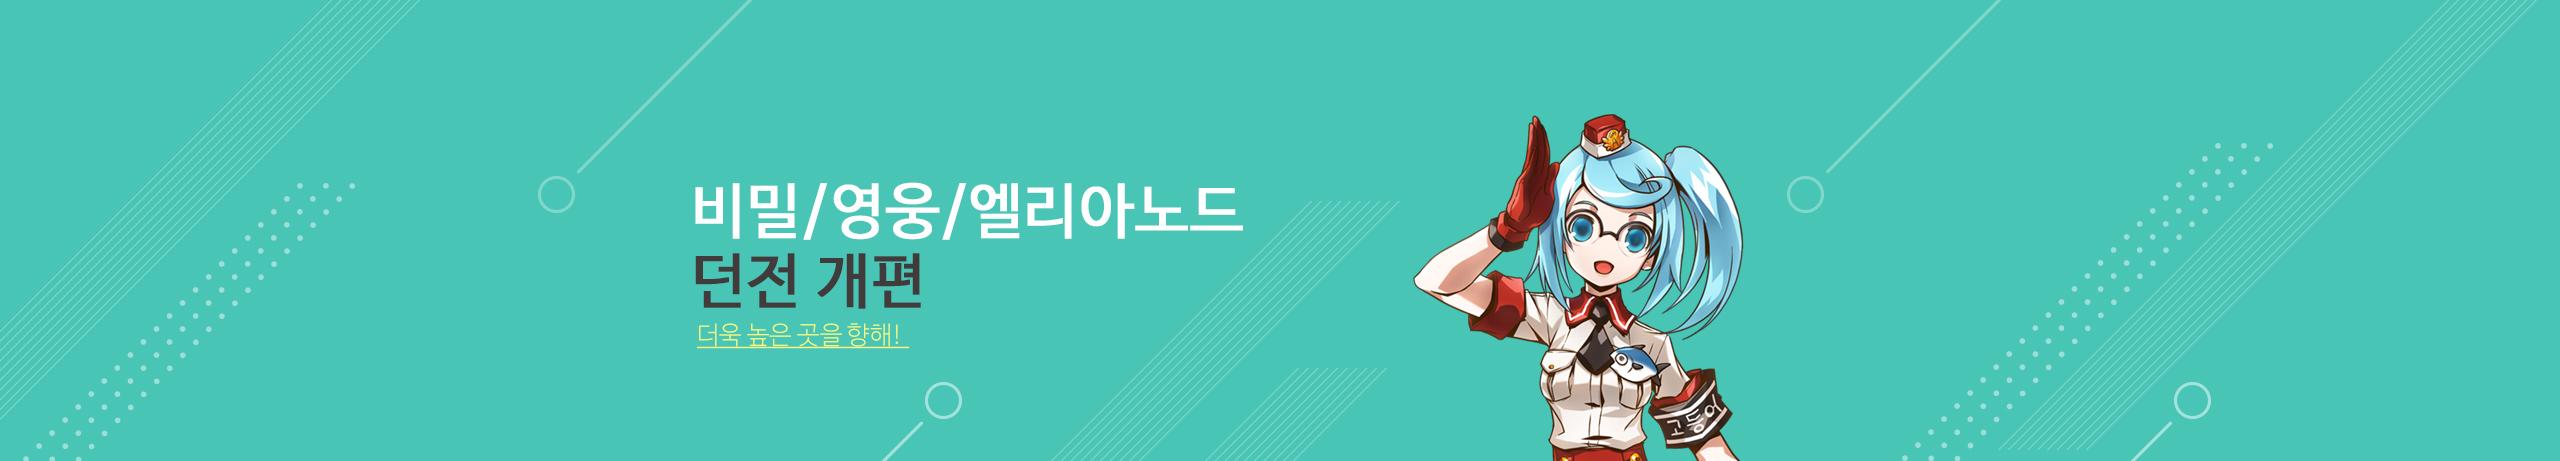 비밀/영웅/엘리아노드 던전 개편